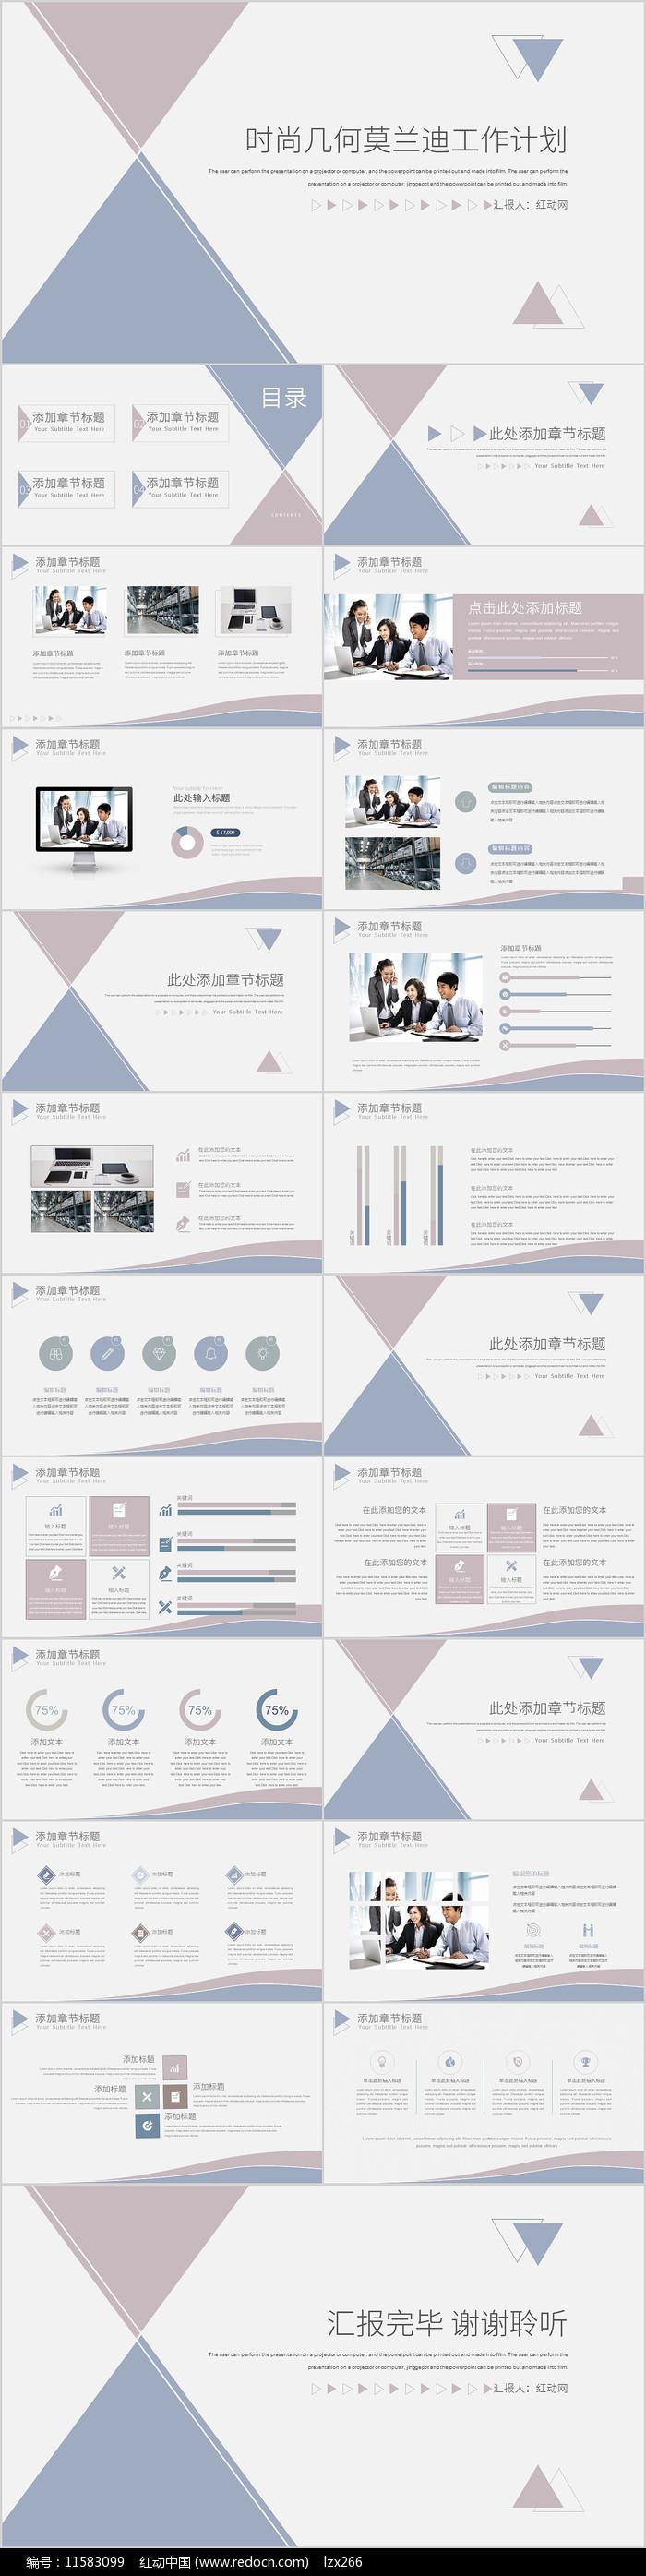 2022商务汇报企业产品公司通用PPT模板图片